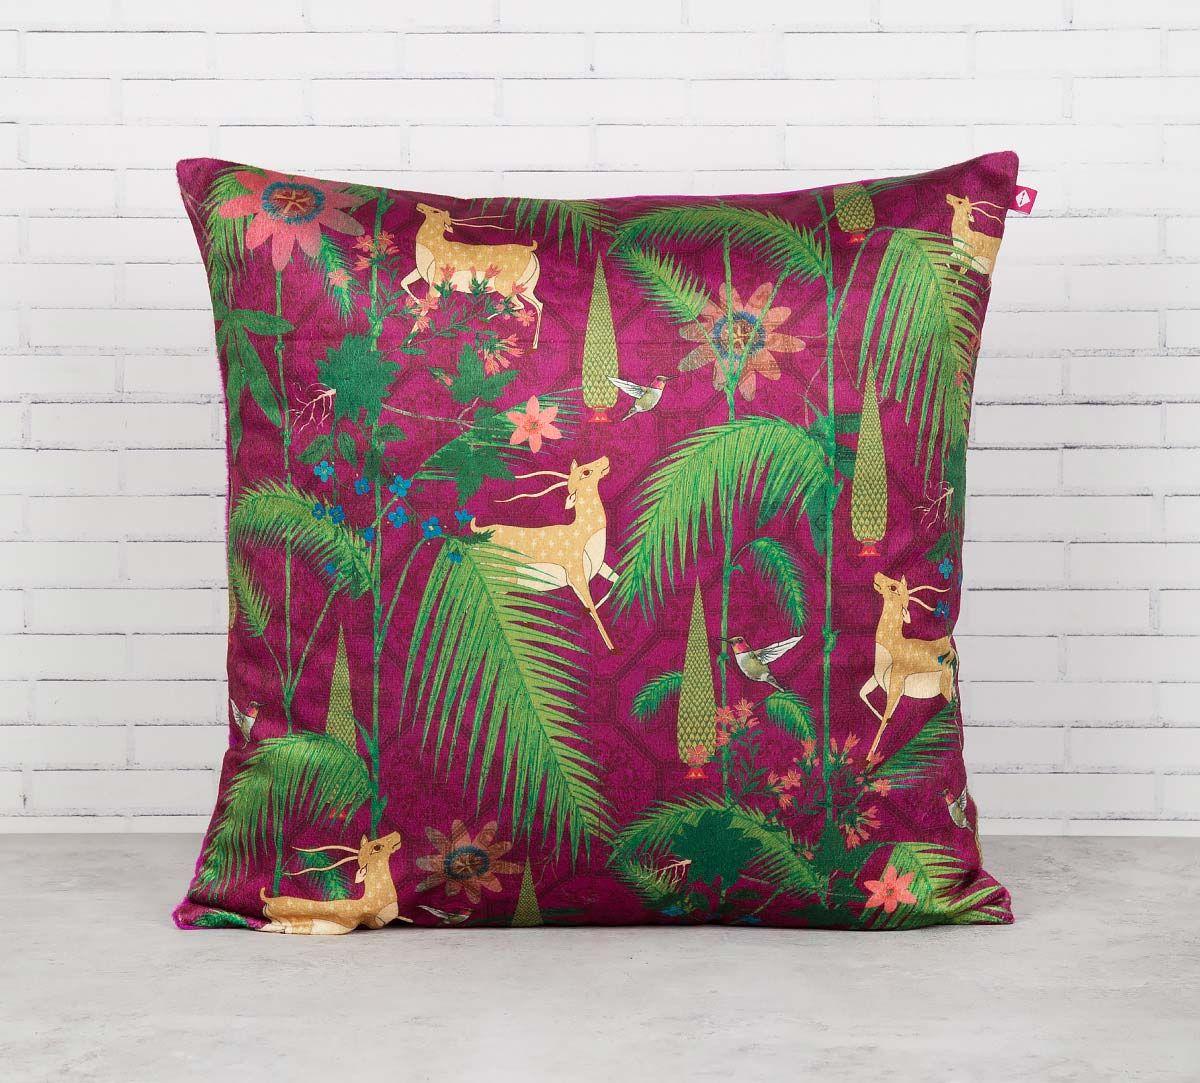 India Circus Forest Fetish Blended Velvet Cushion Cover